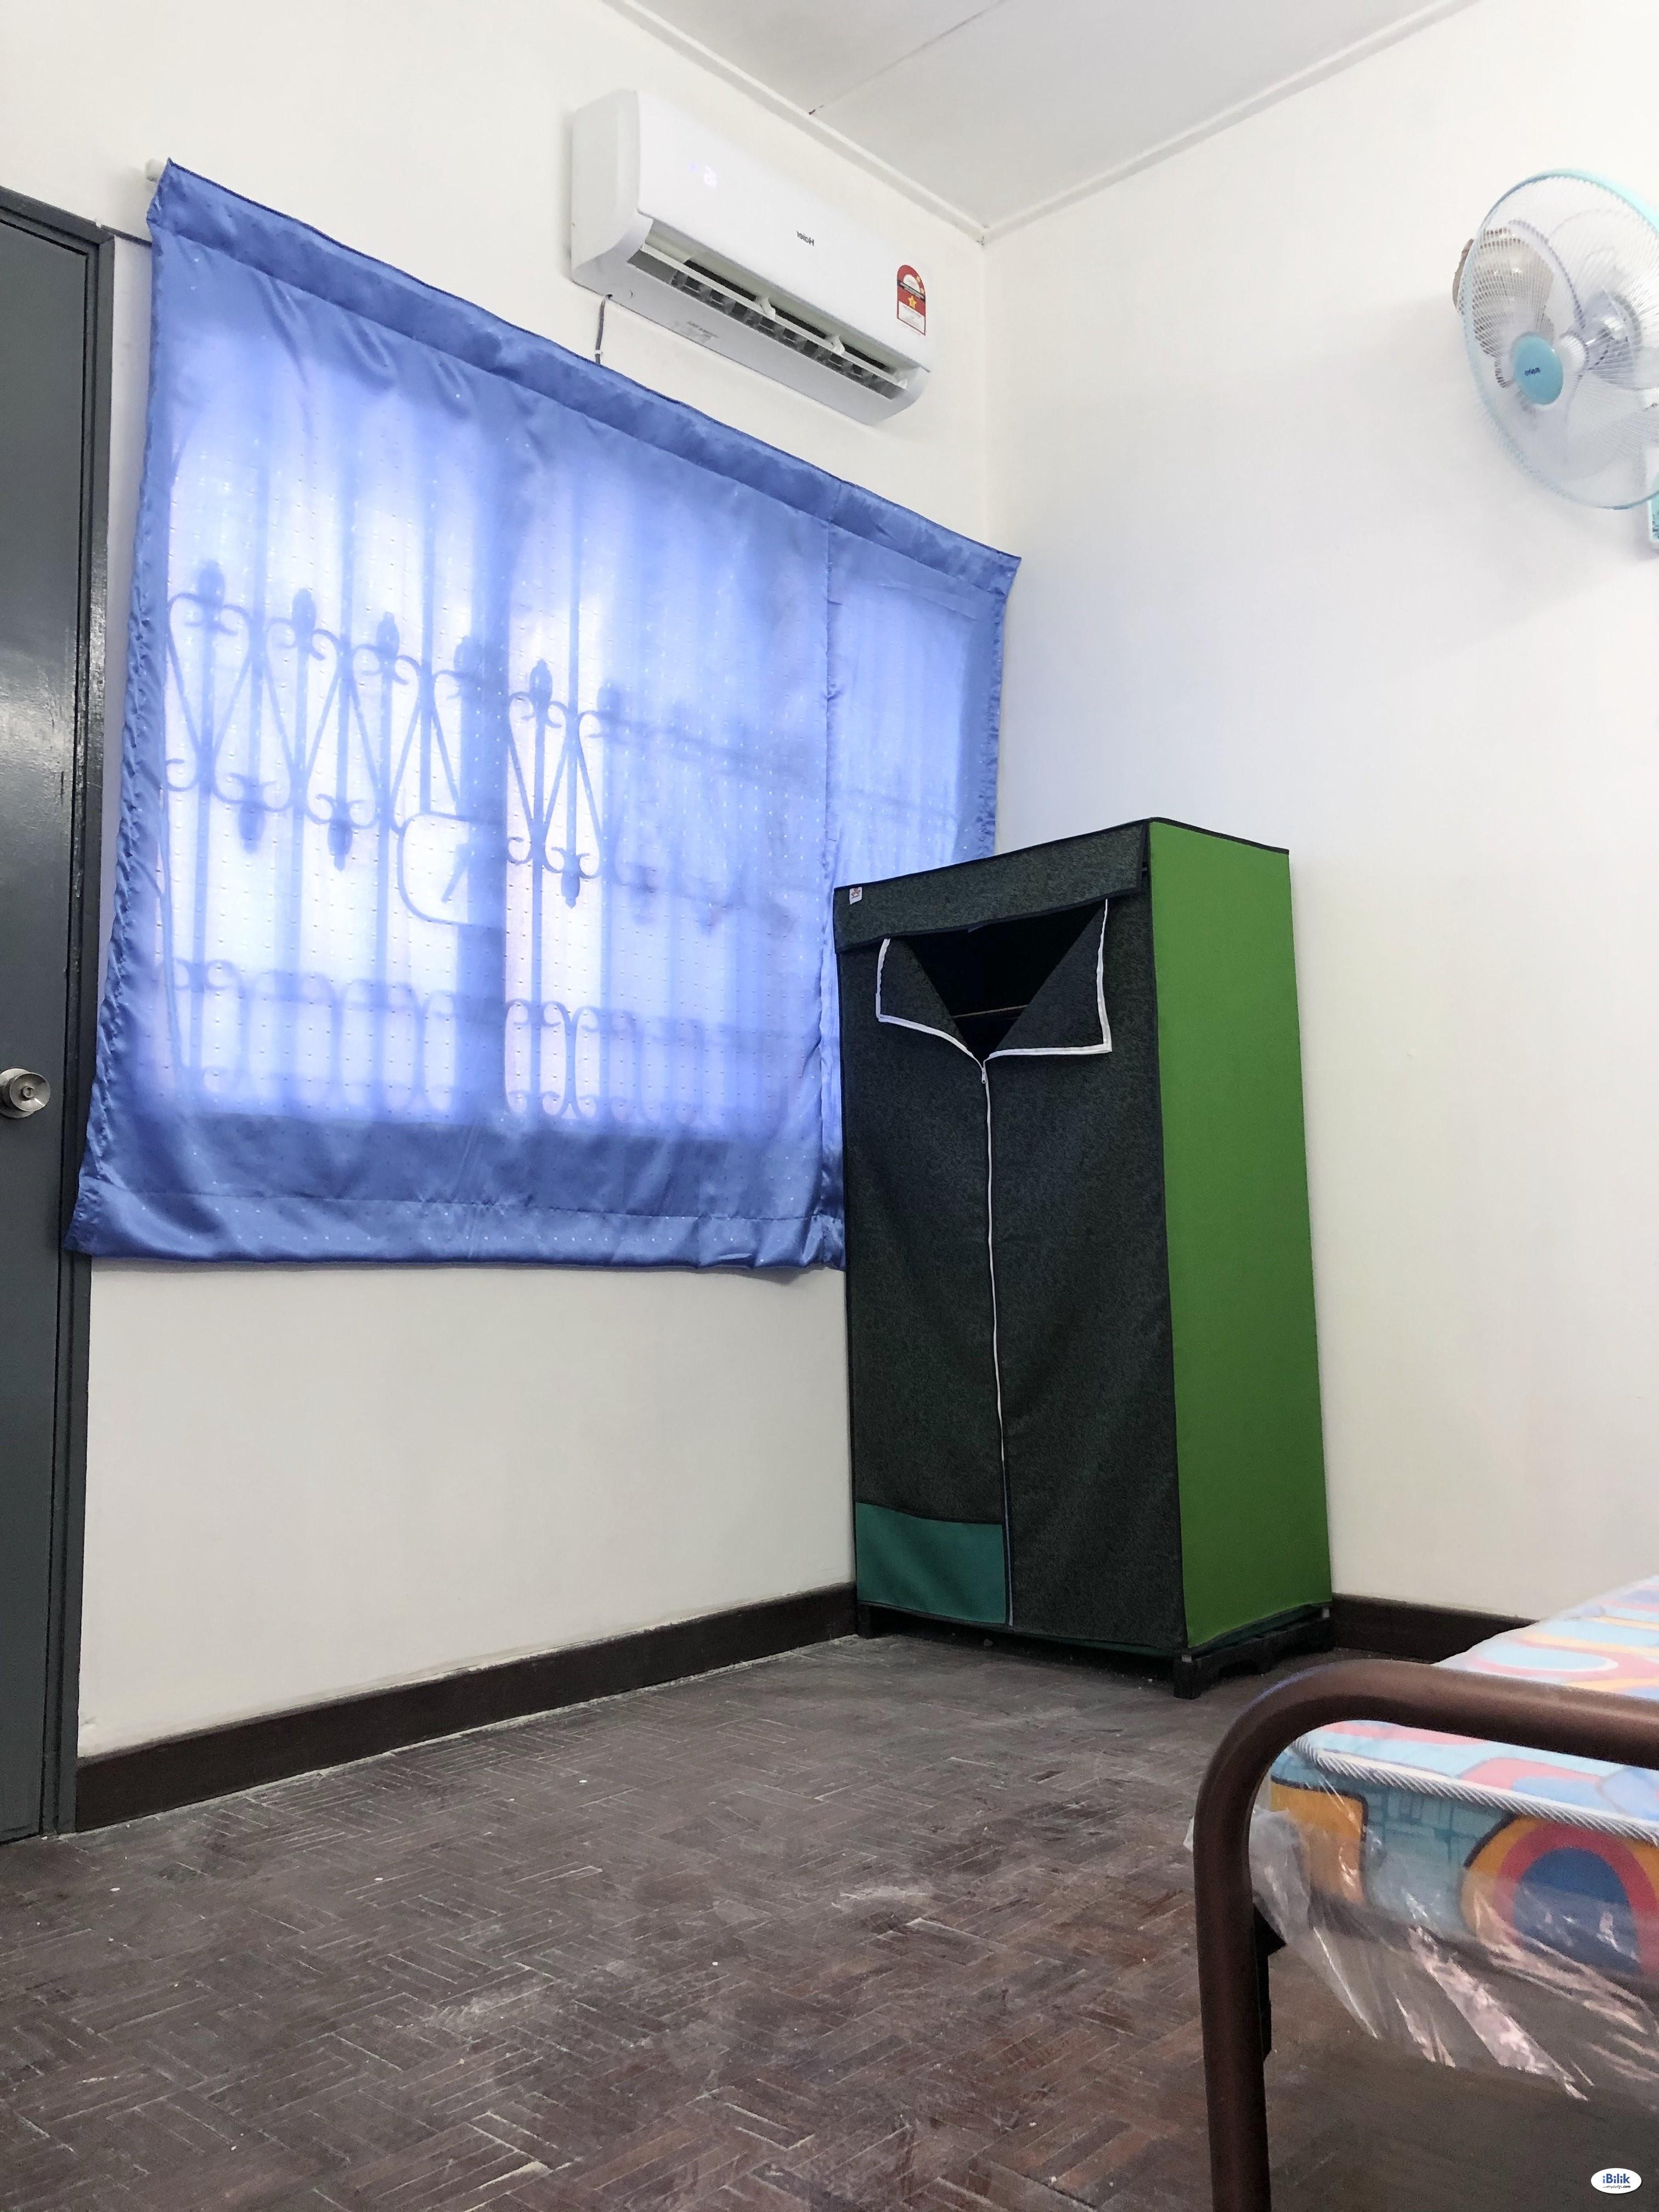 Middle Room at Bandar Puchong Jaya, Puchong